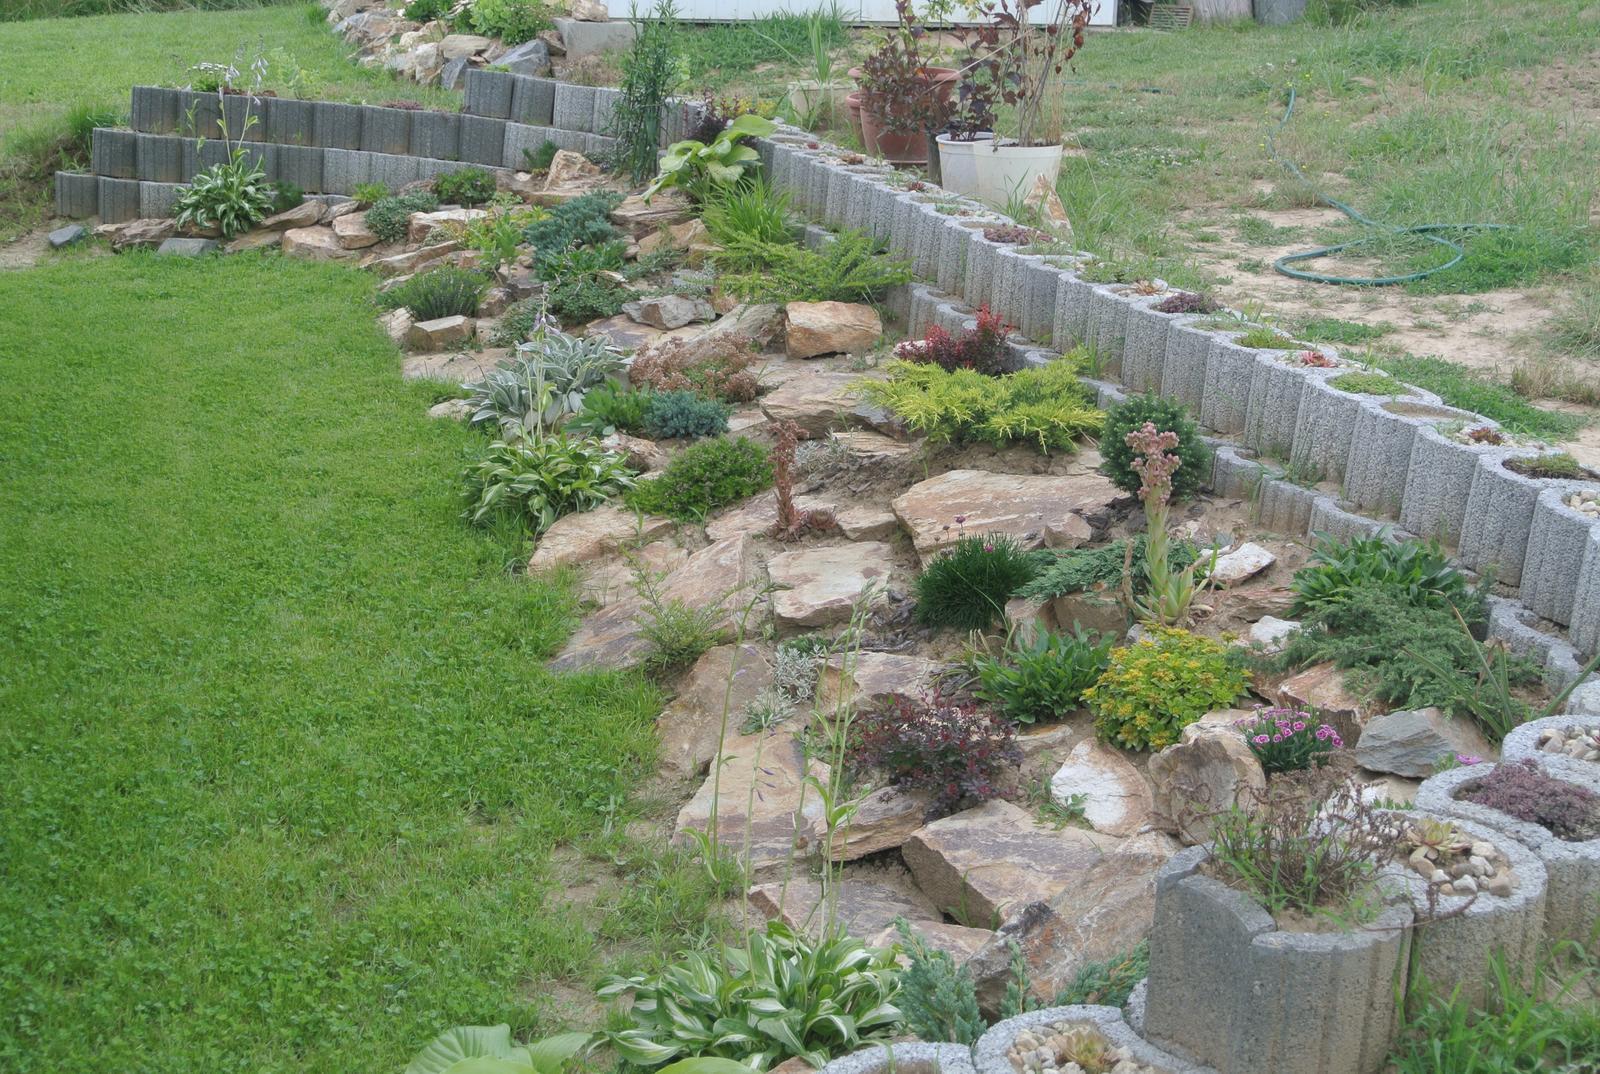 Budujeme okrasnú aj úžitkovú záhradu - 8.7.2020 Aktuálny stav záhona za domom.